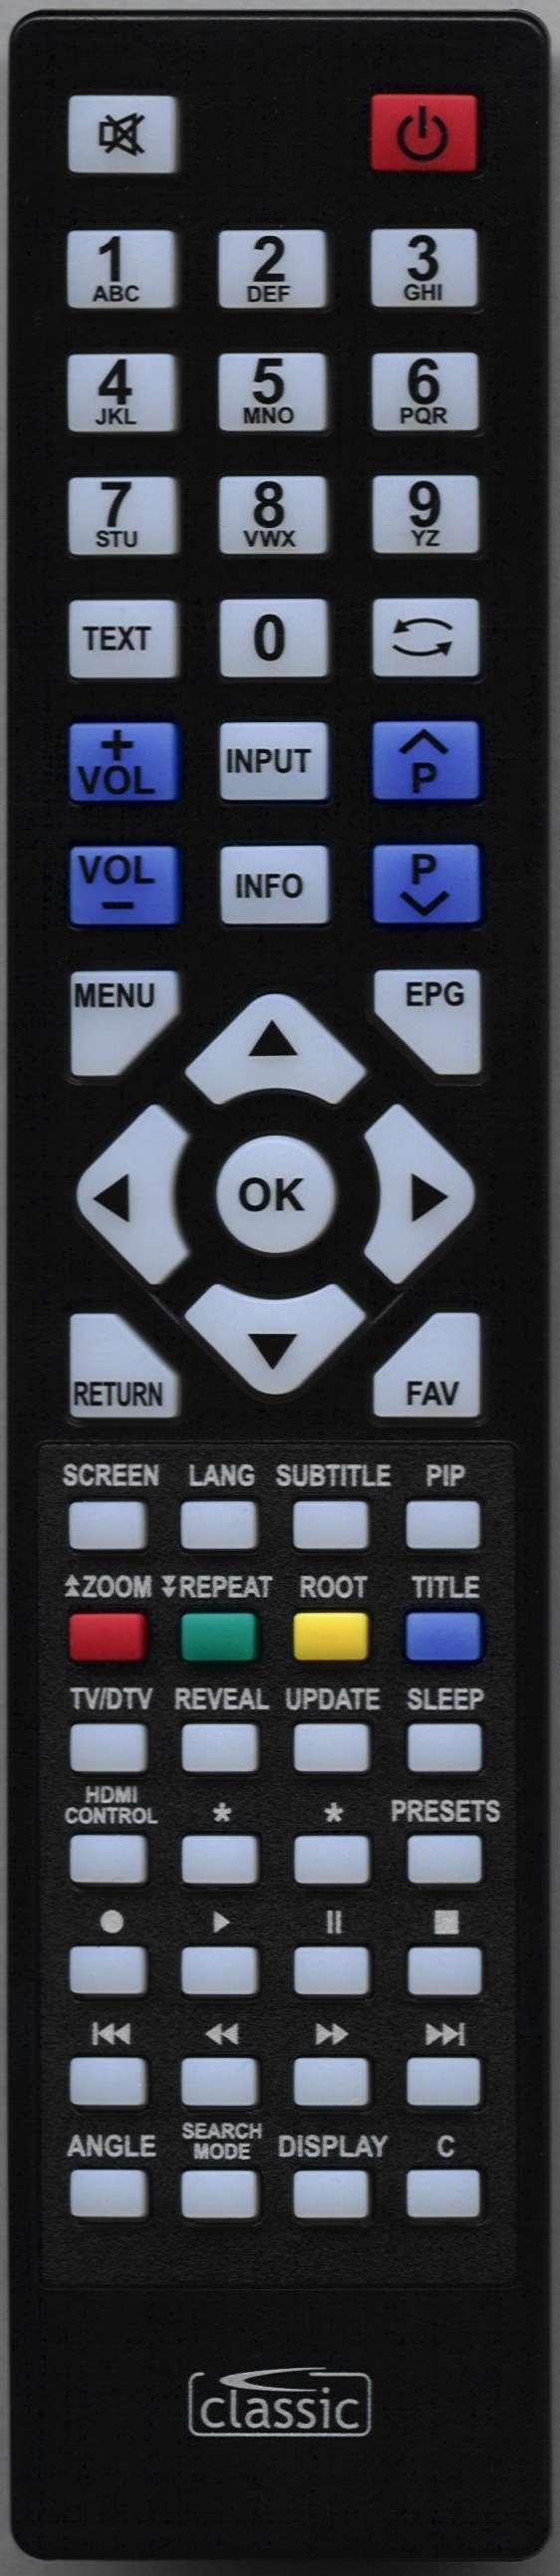 LUXOR V22LCDDVDHD Remote Control